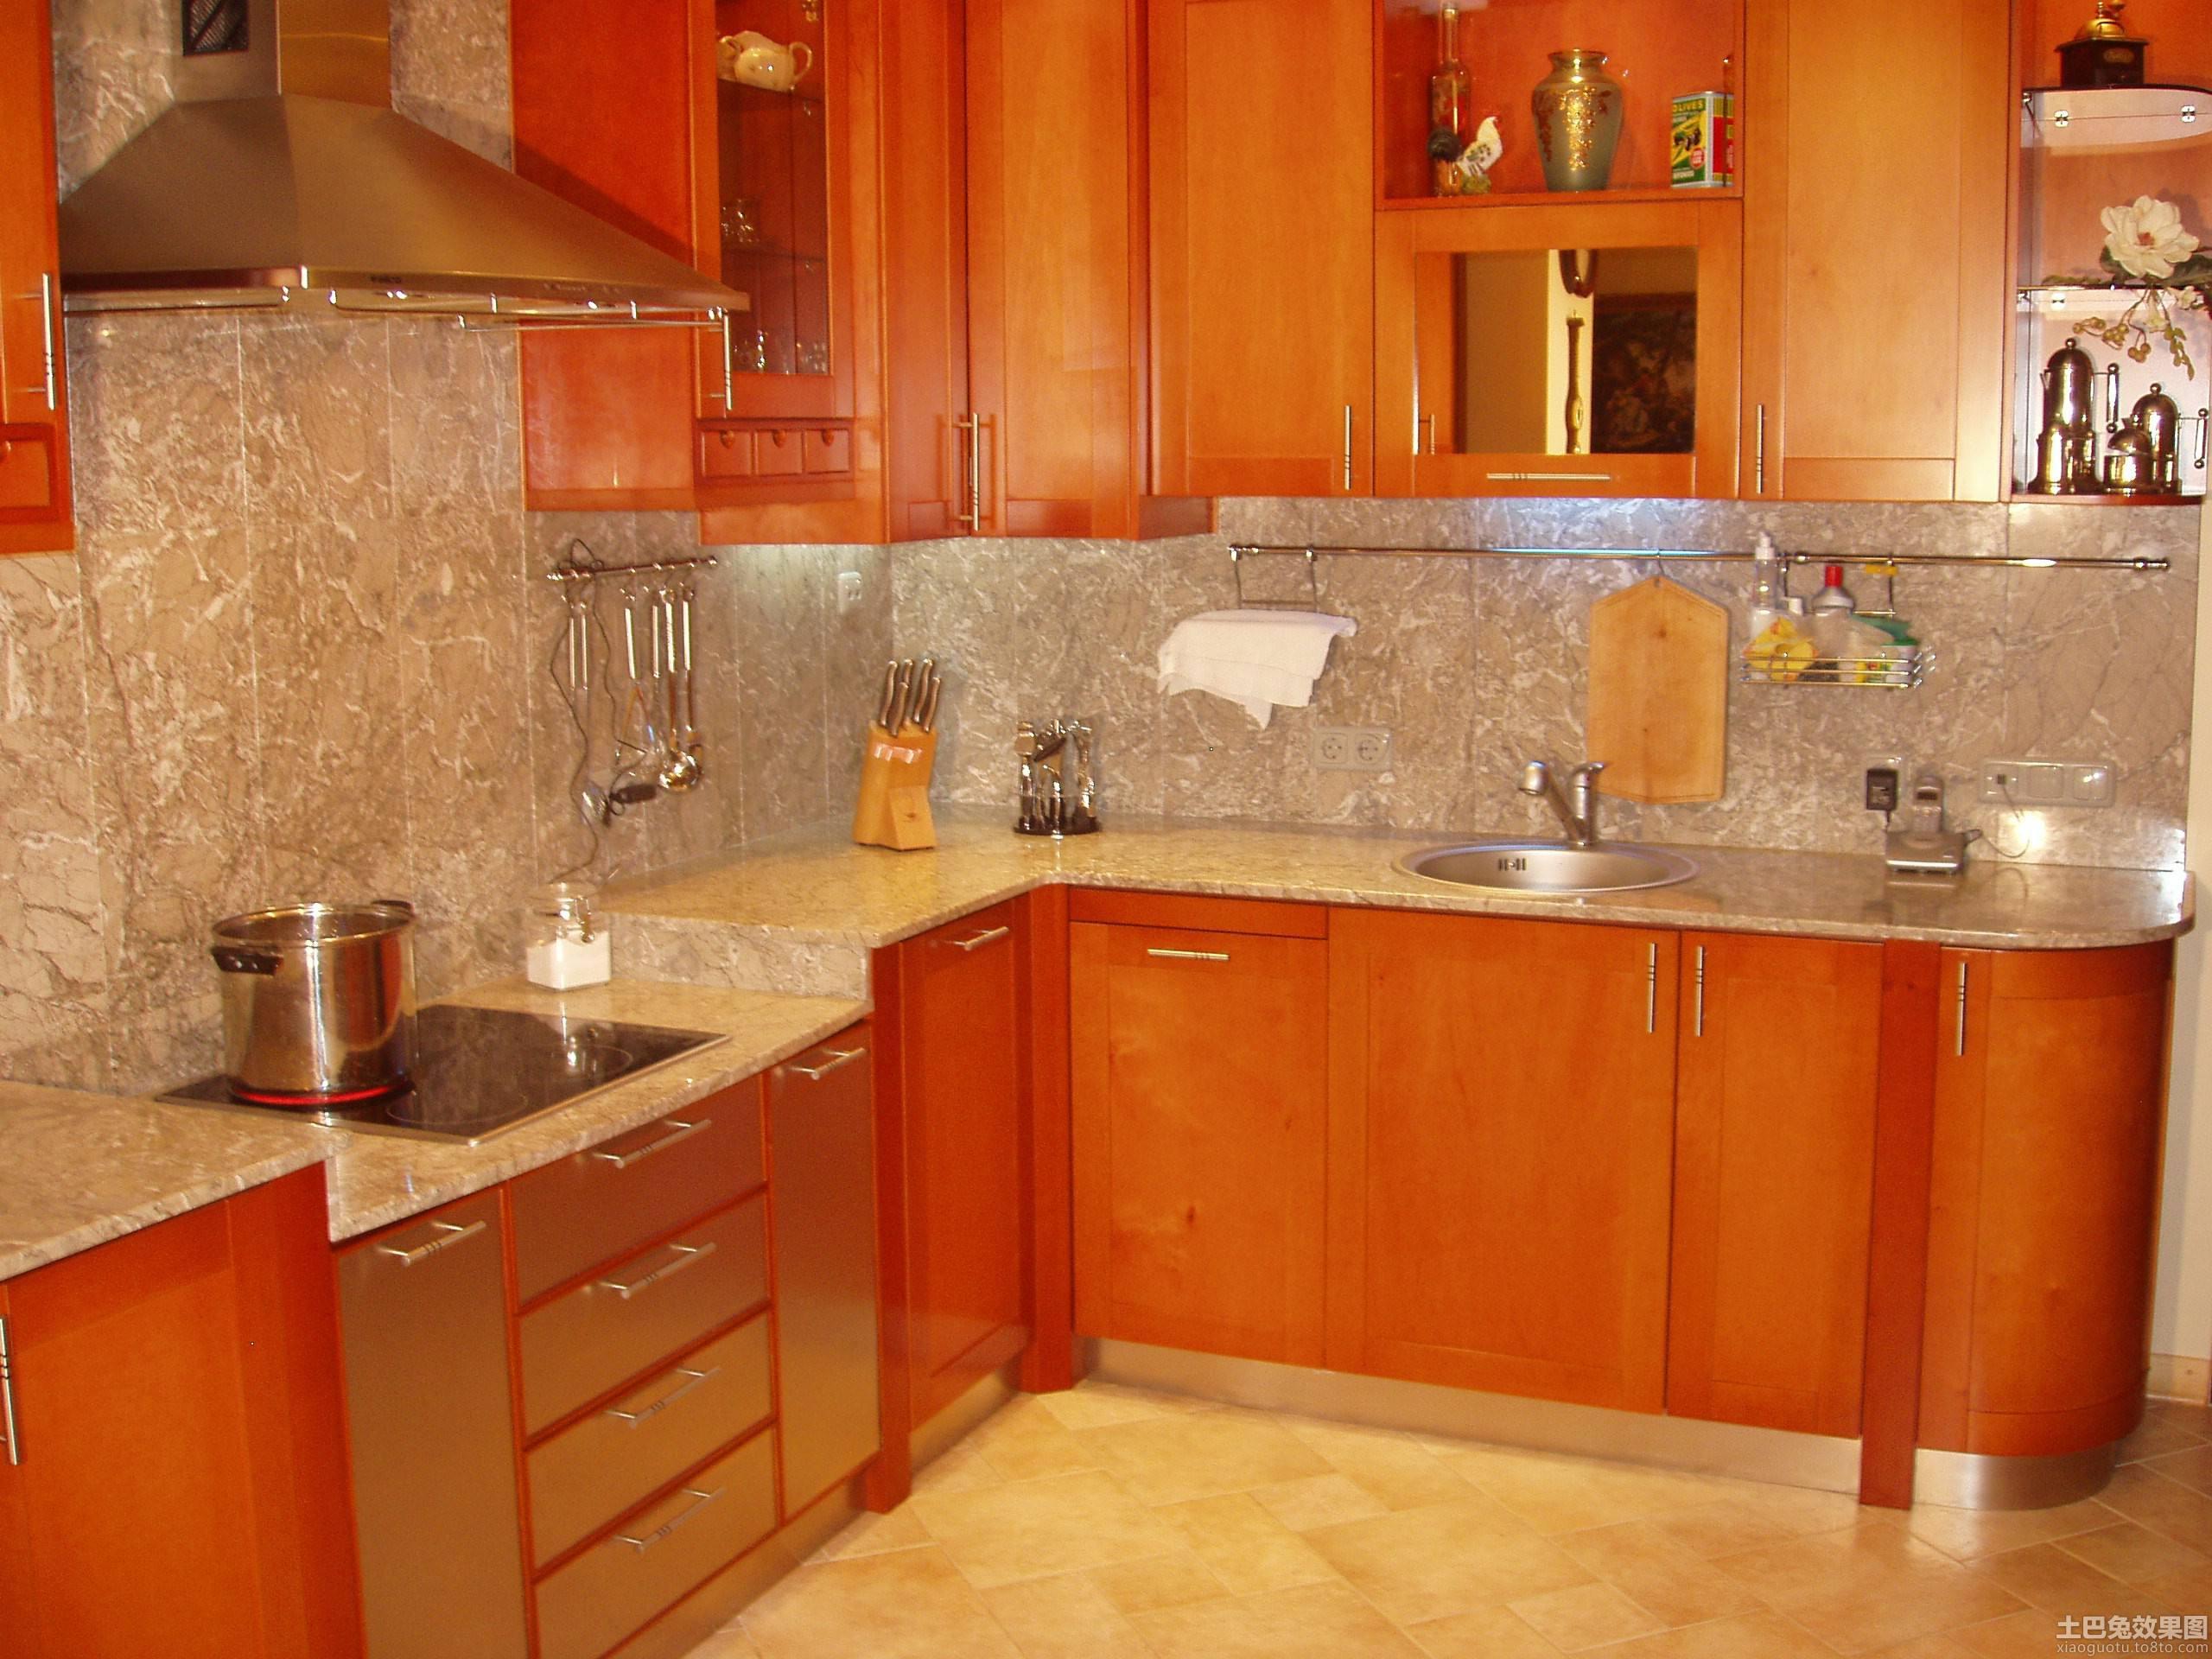 美式实木橱柜厨房设计装修效果图_第4张 - 家居图库